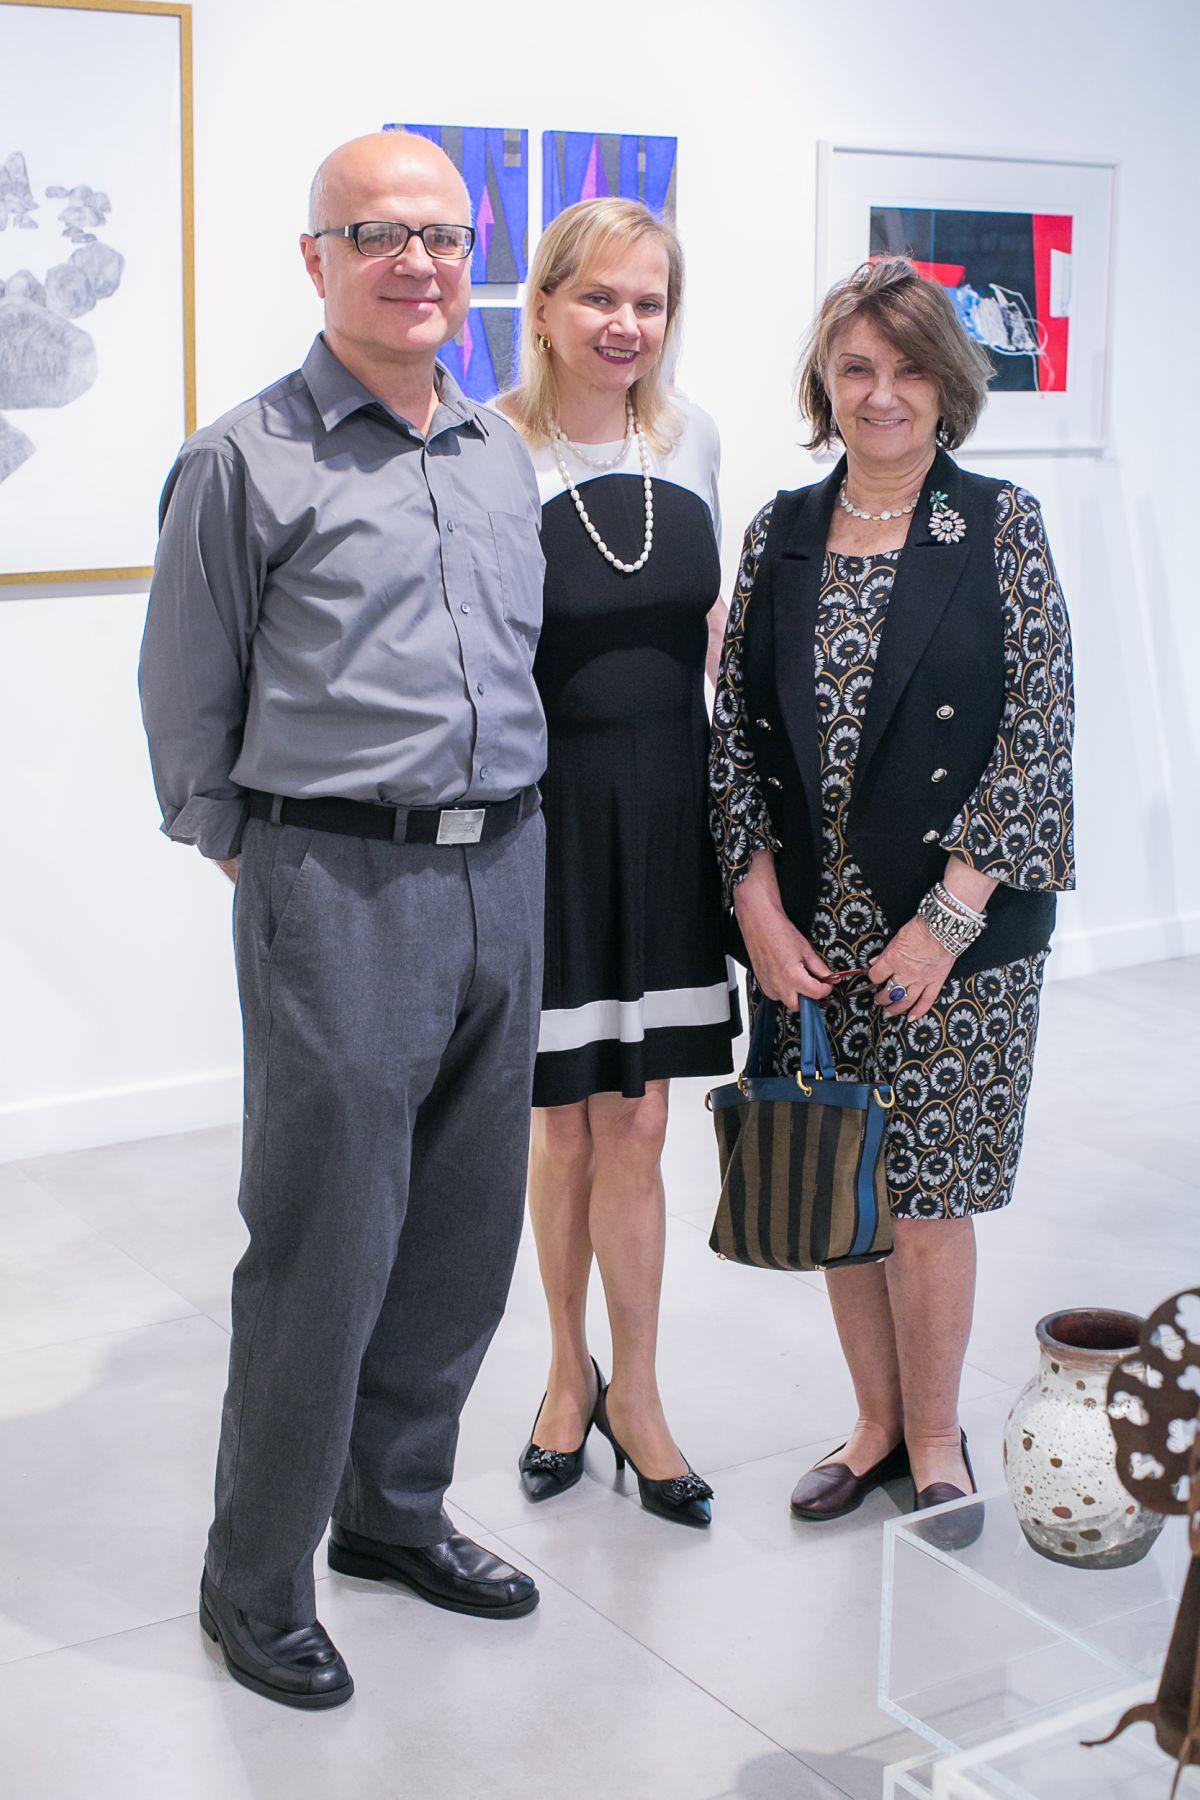 Zuleika Bisacchi (ao centro) com os artistas plásticos Guita Soifer e Paulo Dias, que participam da Expo Mix 2.  Fotos: Marcelo Elias.